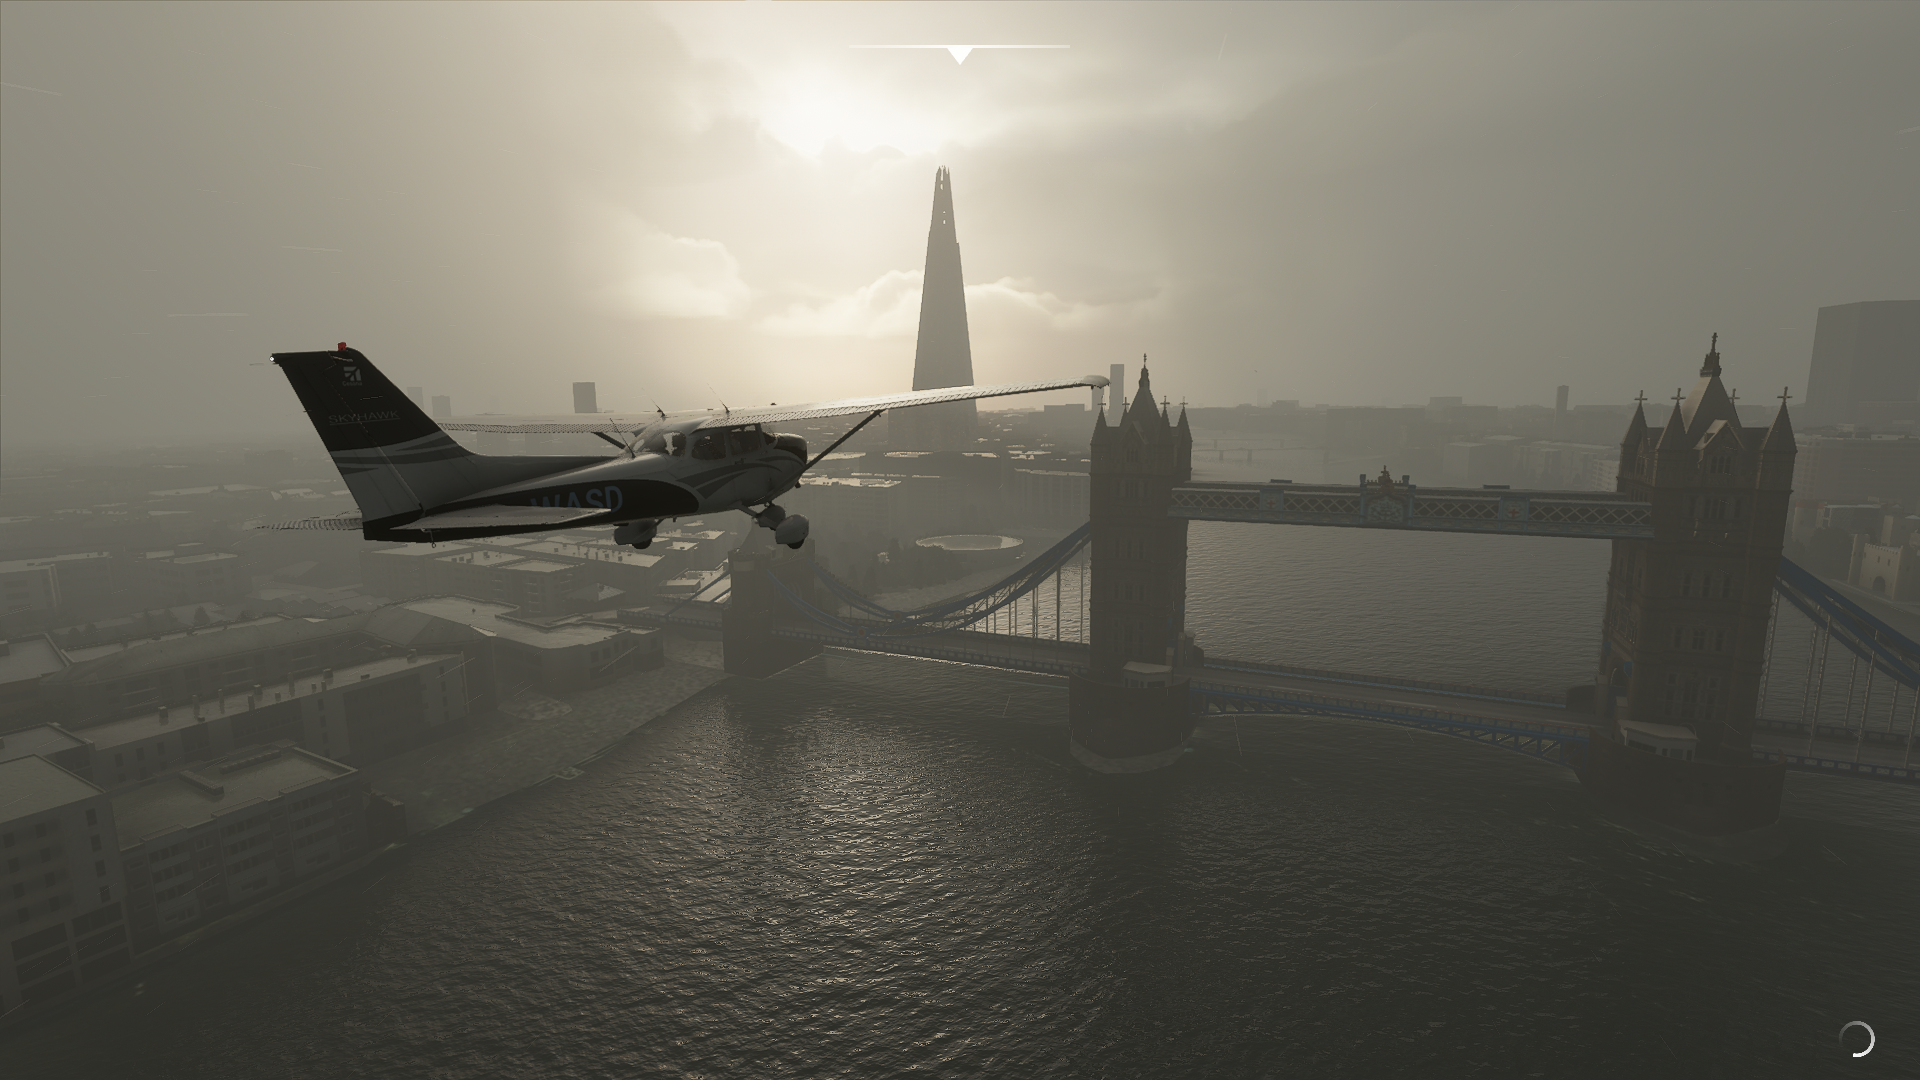 Reino Unido já disponível no Microsoft Flight Simulator